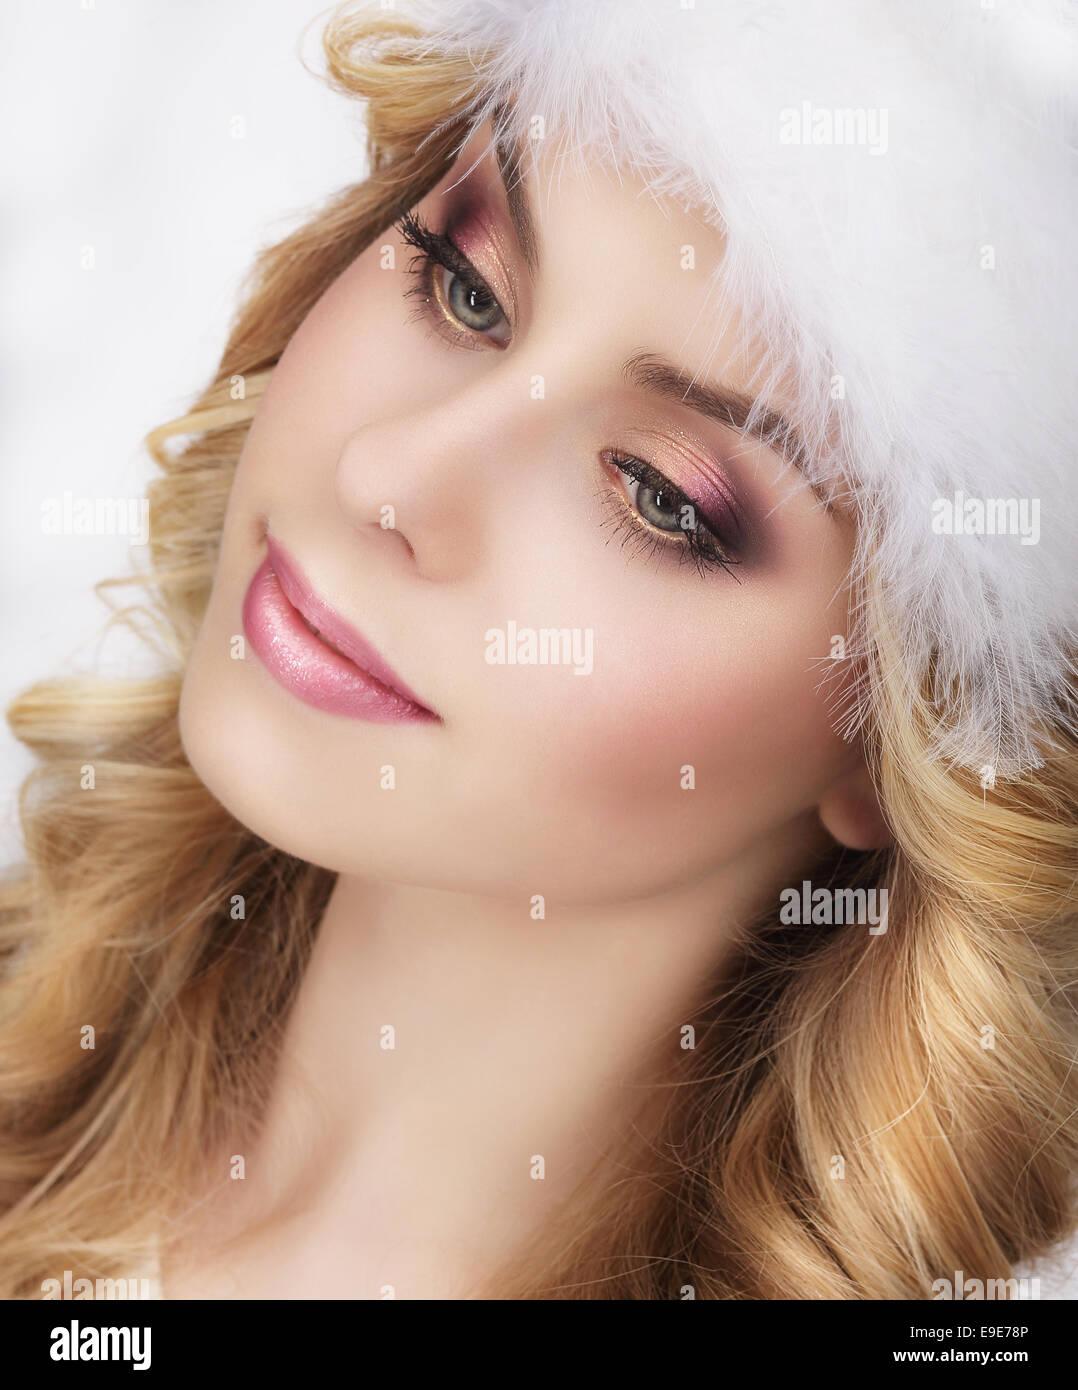 Gesicht ziemlich verträumte junge Frau Stockbild